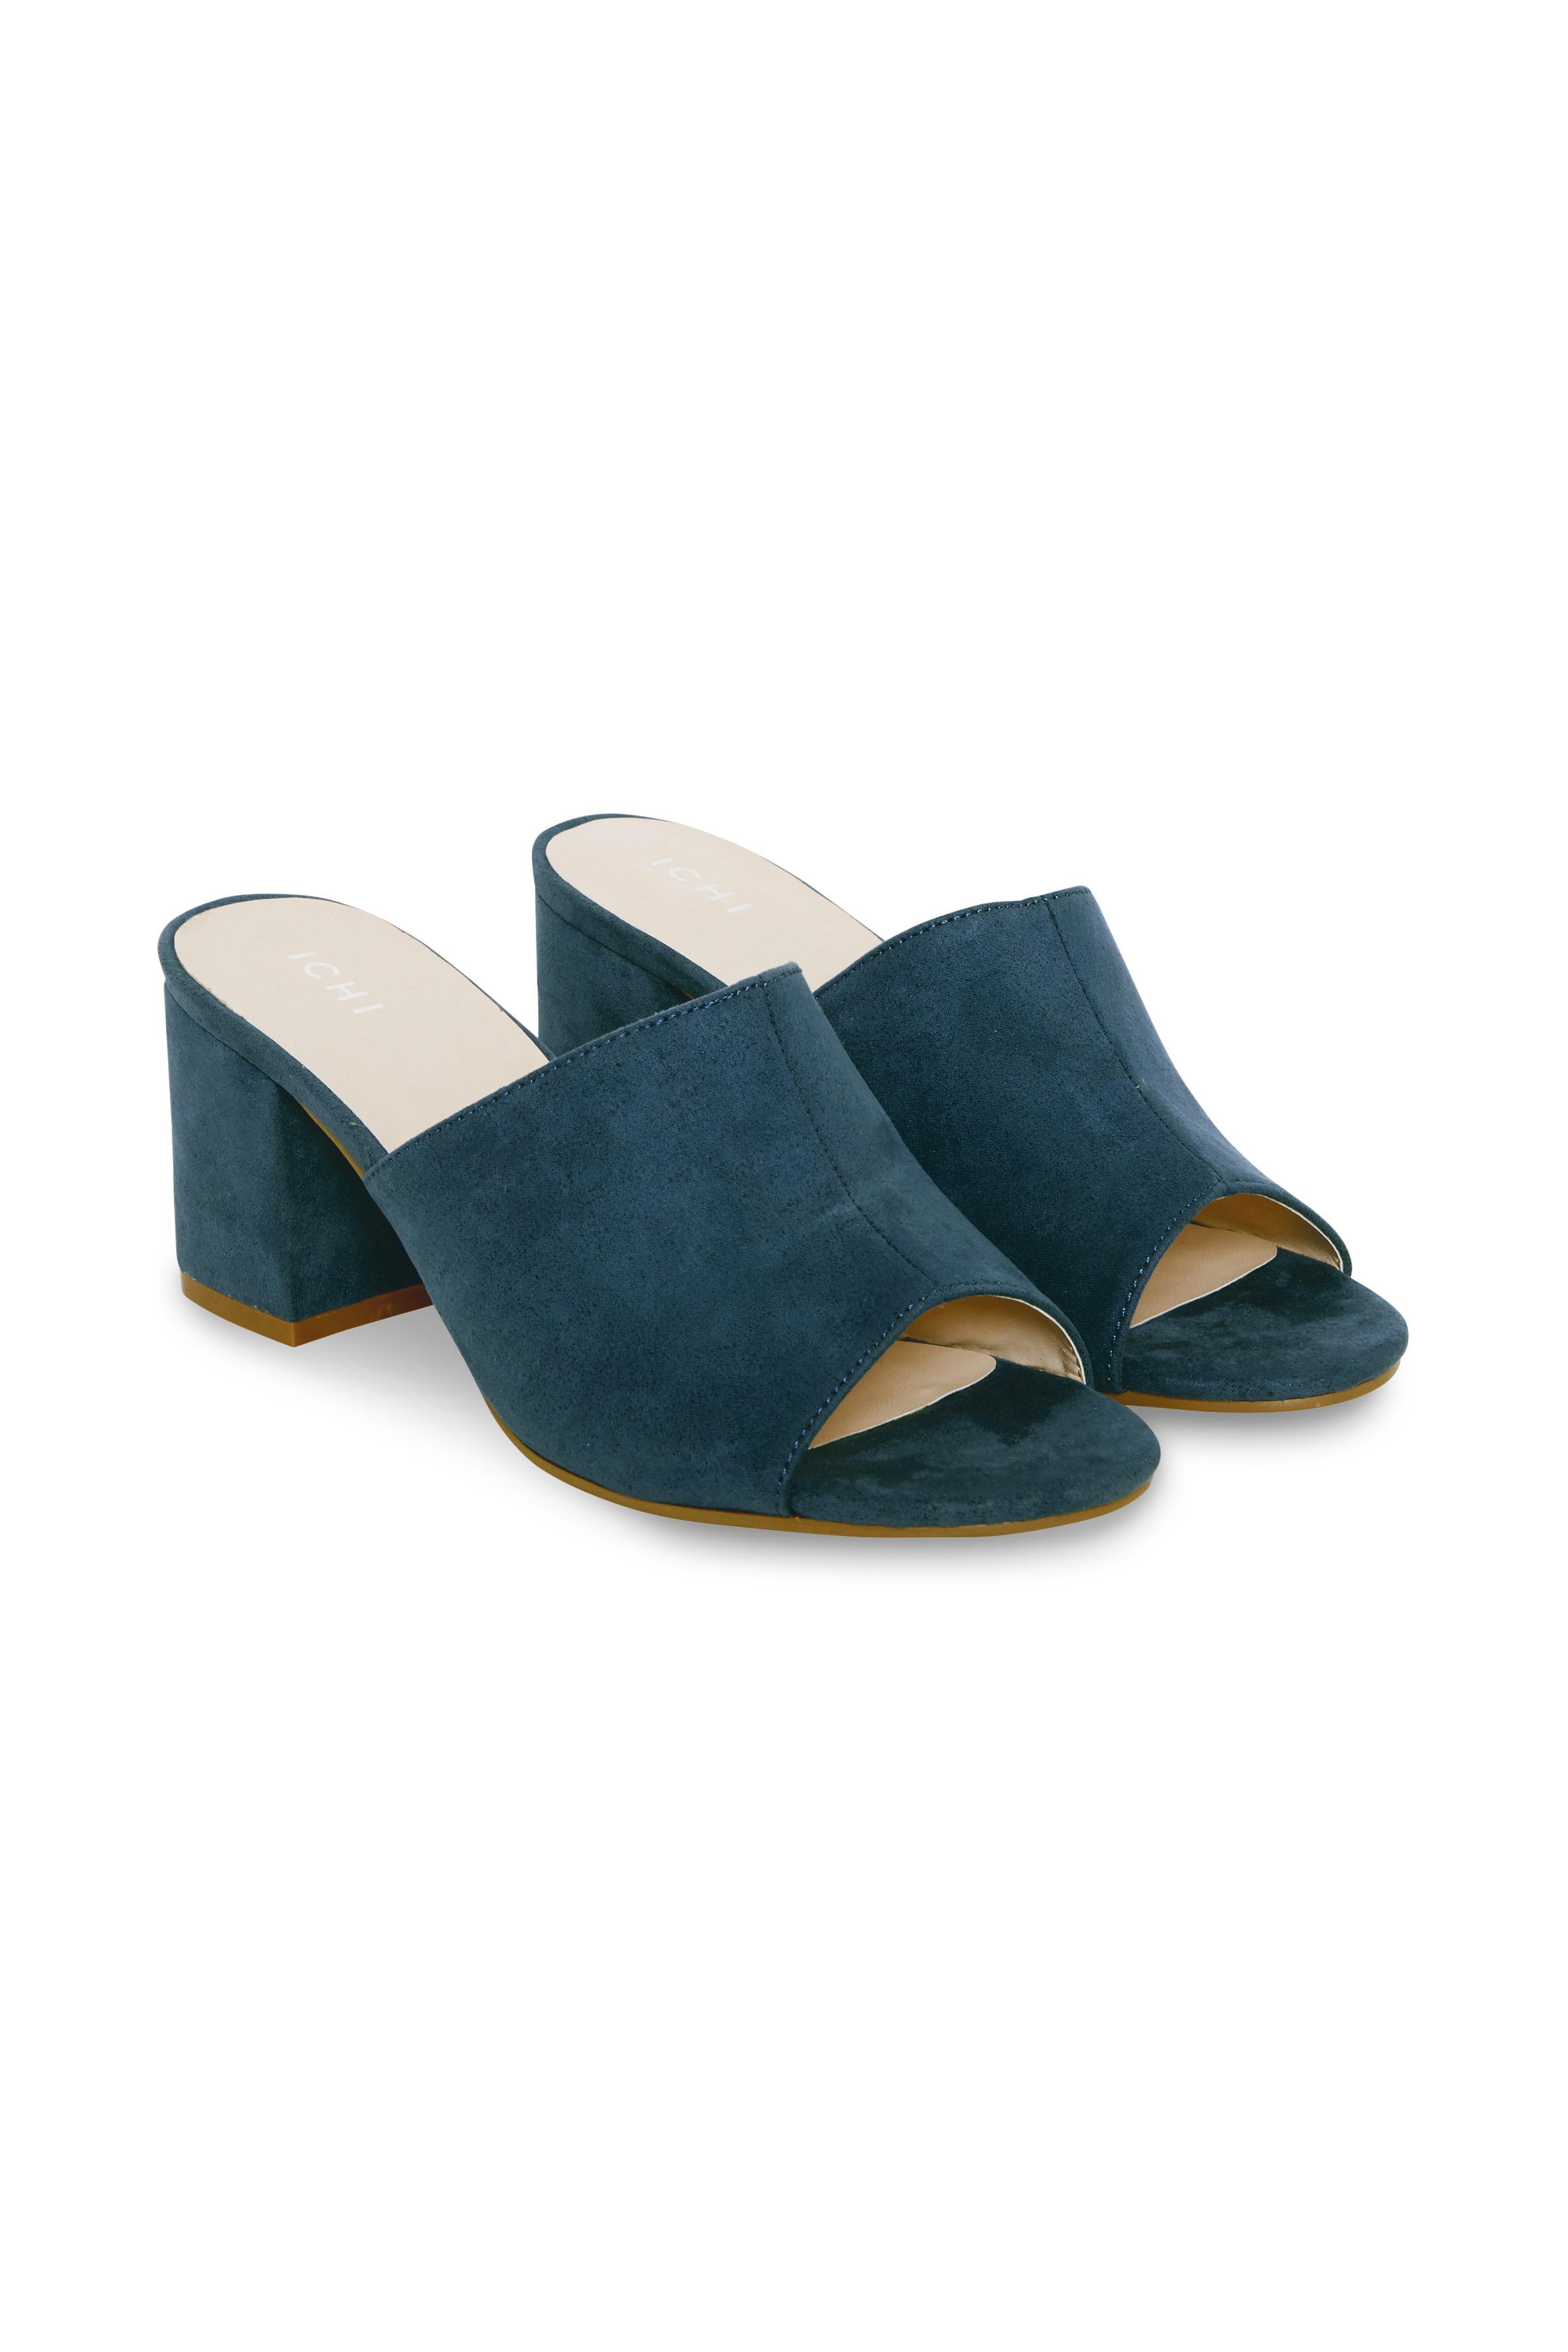 Ichi - accessories Dame Åbenstående sandal med åben hæl  - Støvet blå